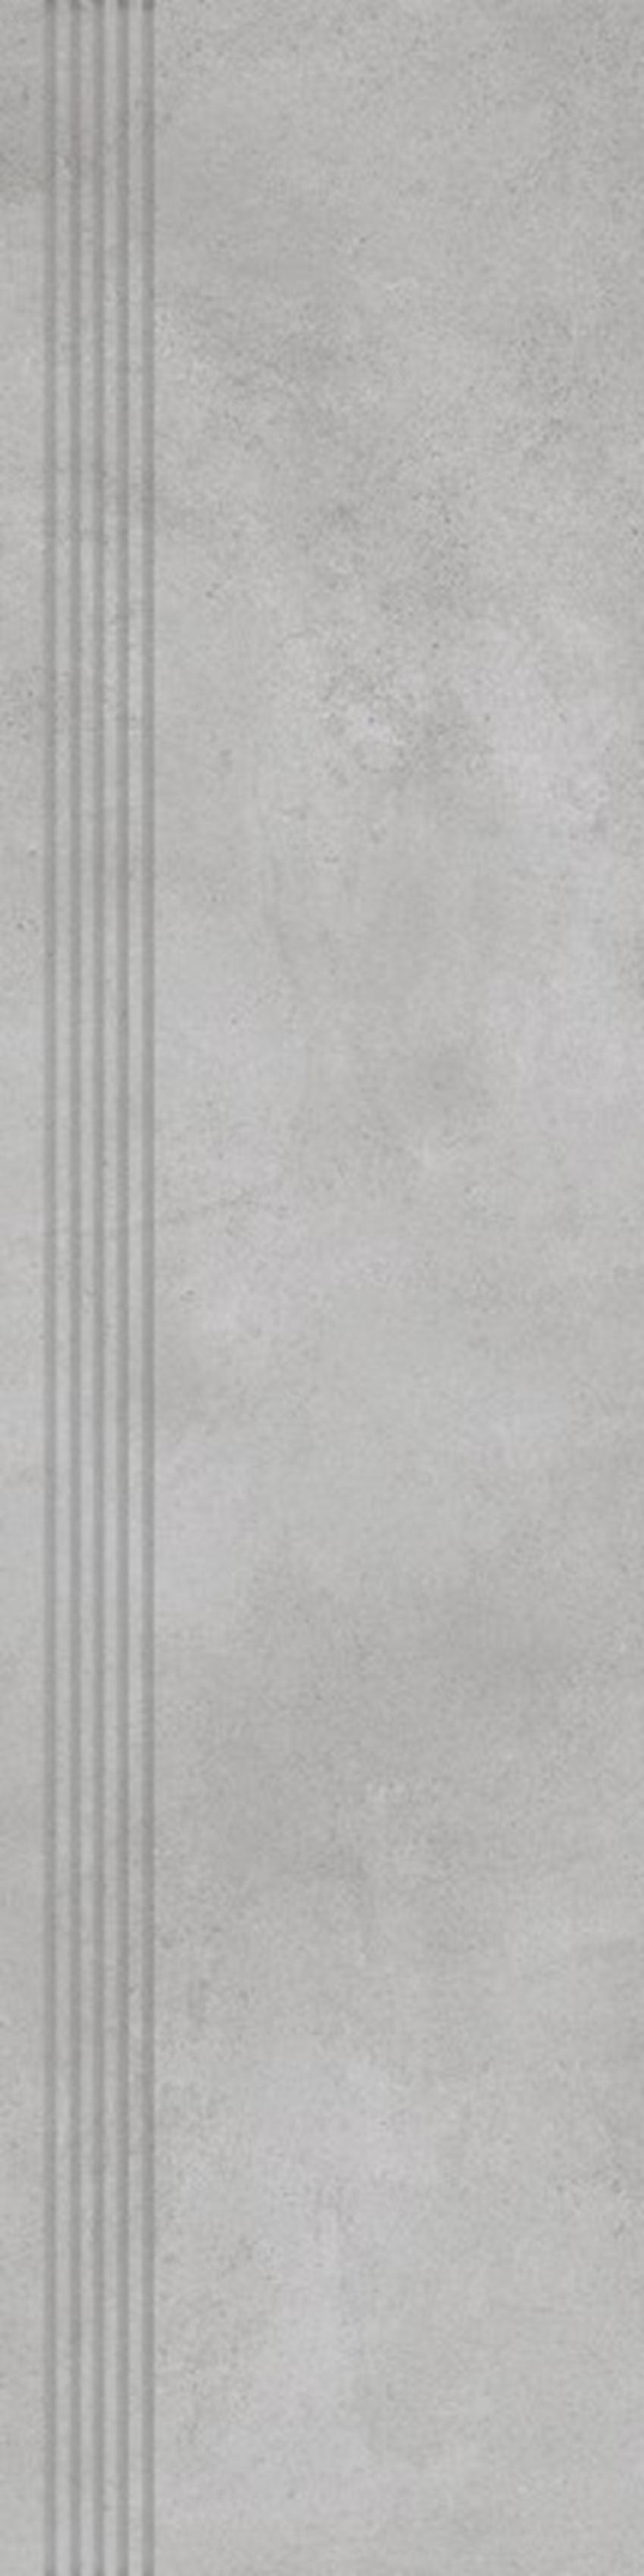 Płytka stopnicowa 29,7x59,7 cm Nowa Gala Mirador MR 12